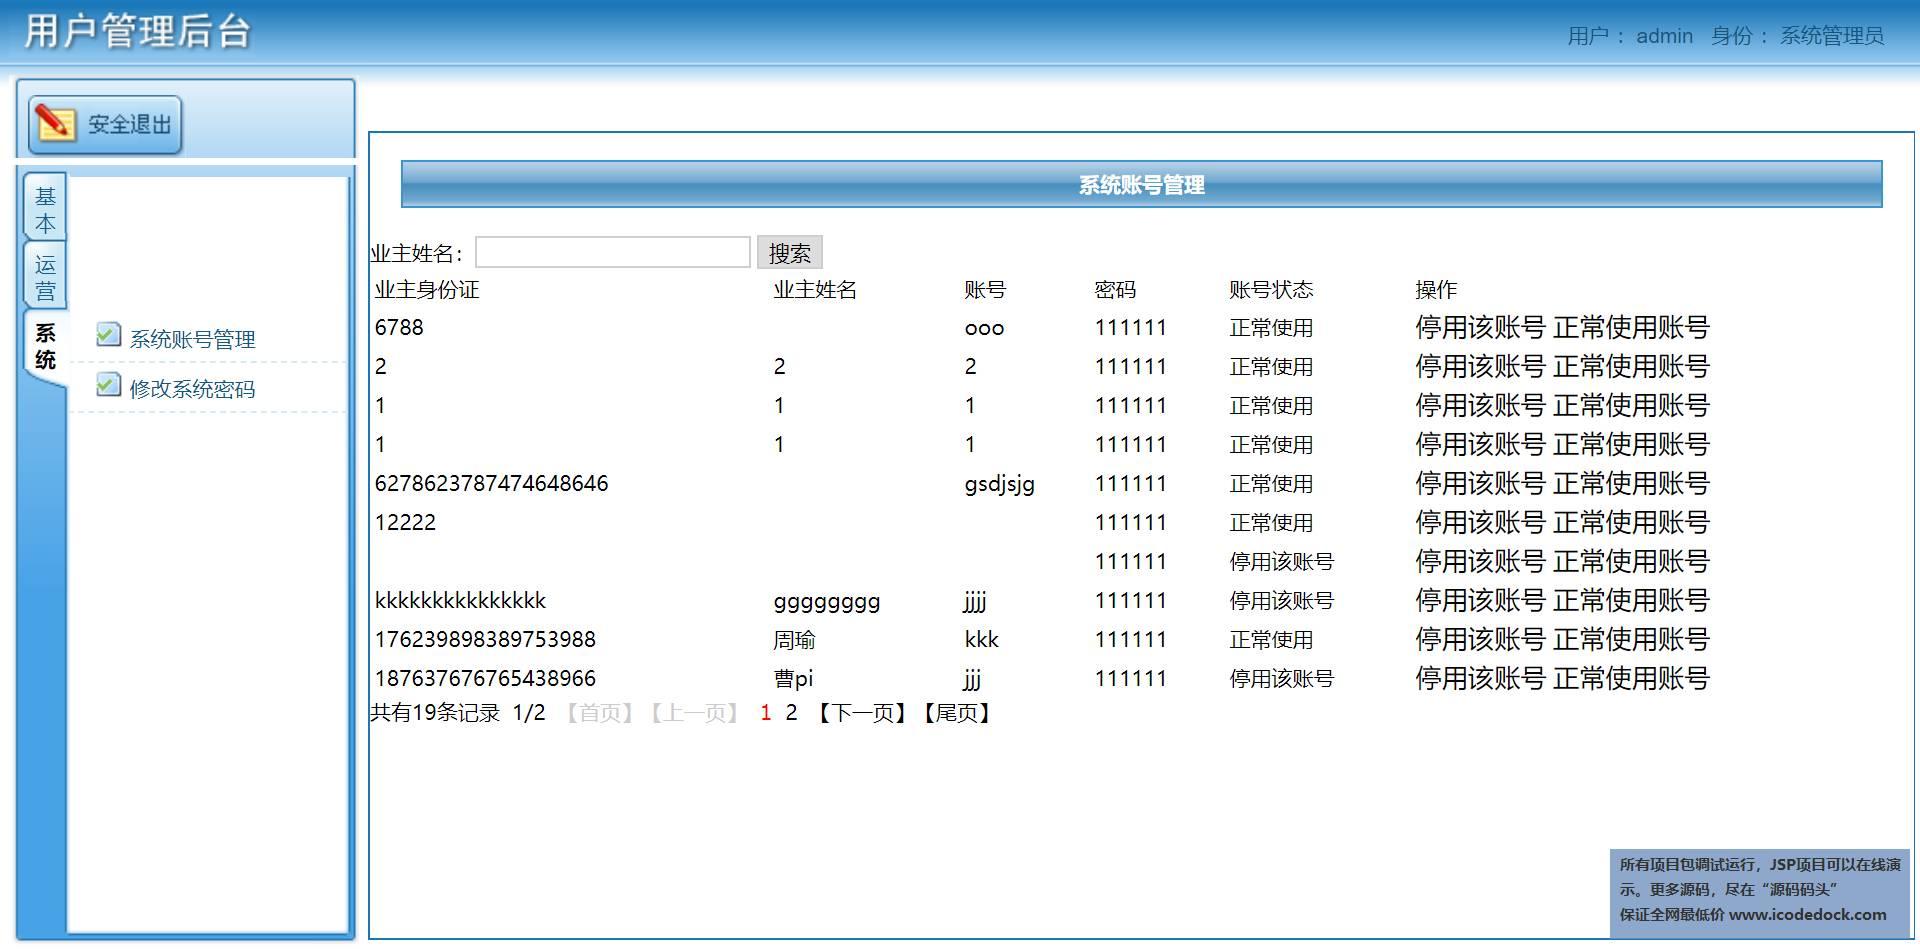 源码码头-SSH物业管理系统-管理员角色-系统账号管理